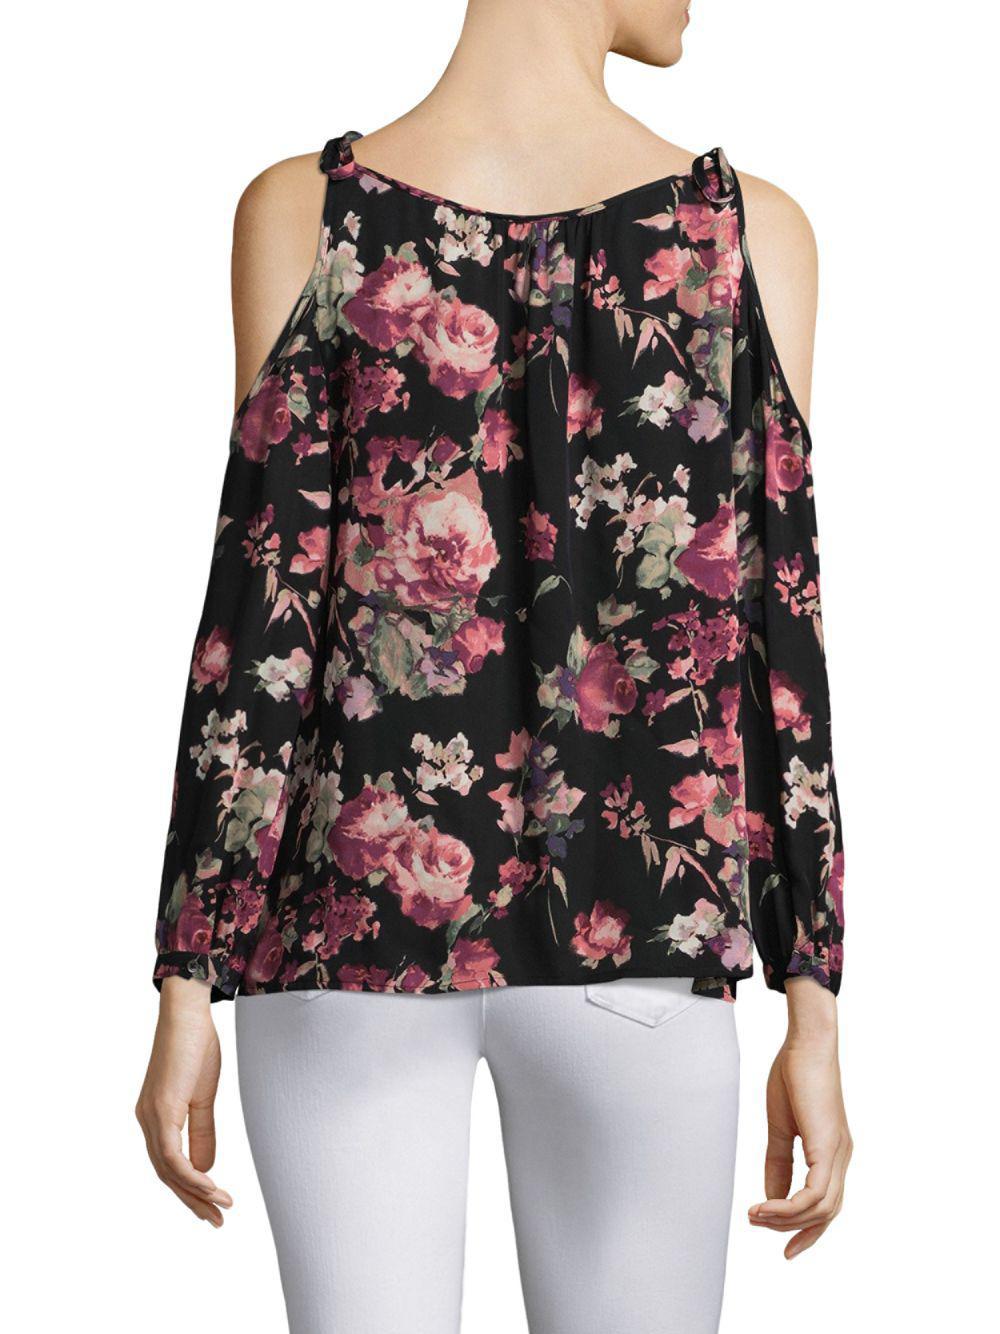 Joie Jilette Floral Cold Shoulder Silk Blouse in Black